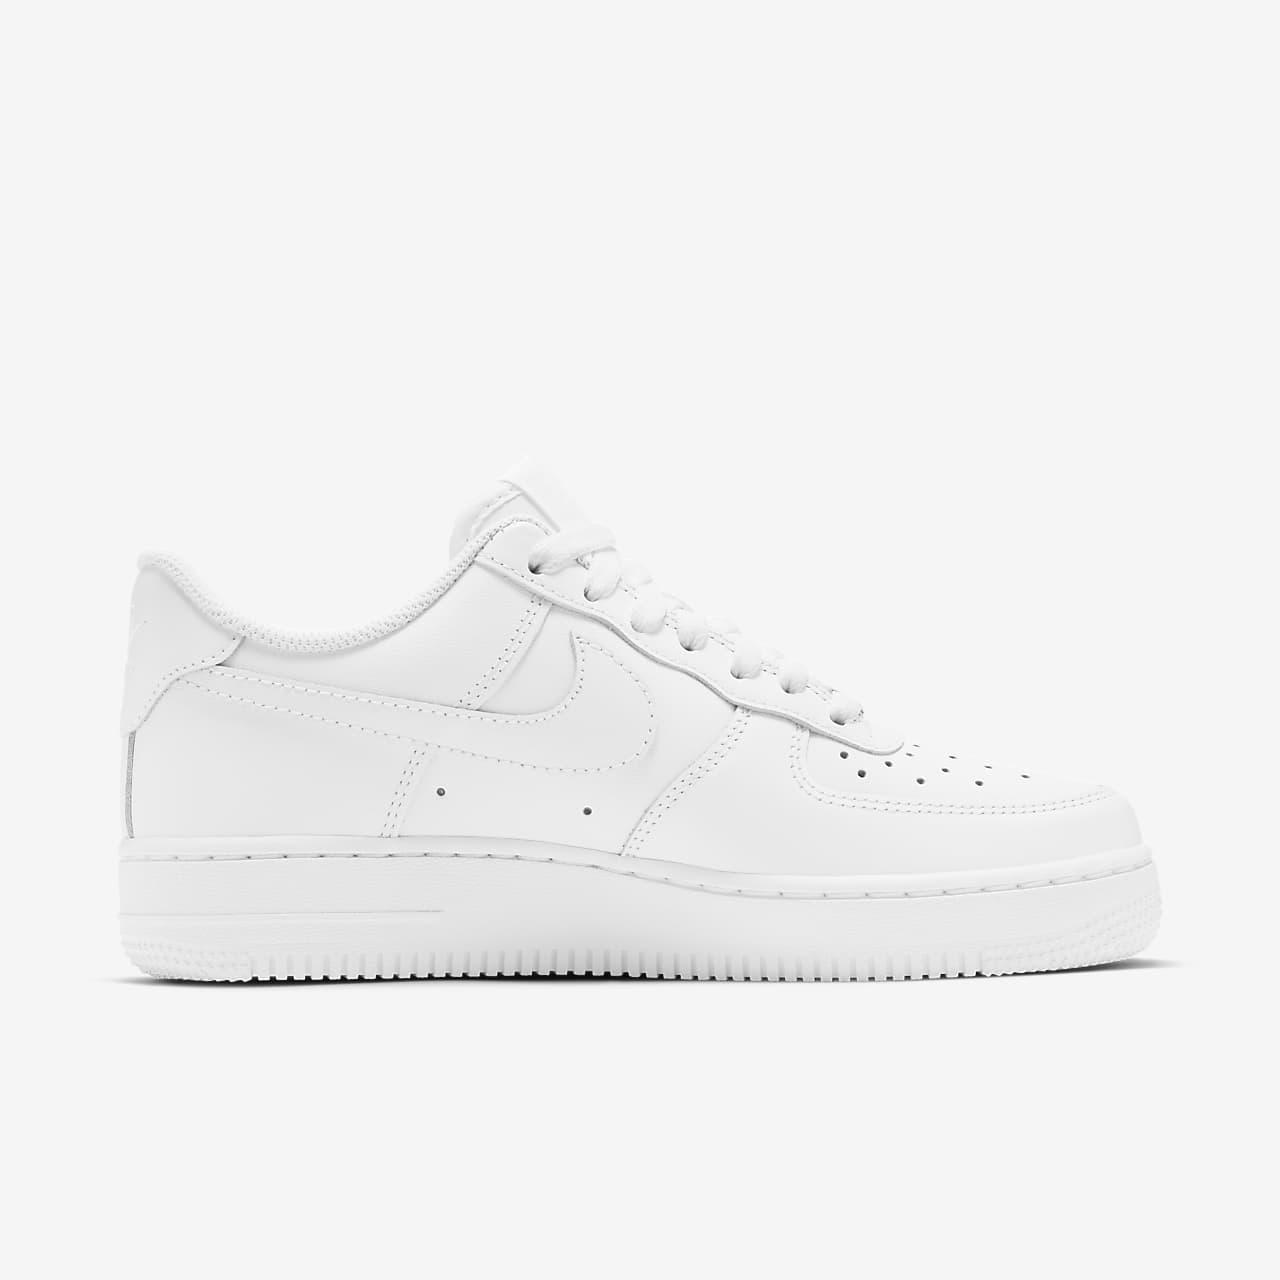 Nike Chaussures - Force Aérienne 270 Taille Gris / Gris / Blanc: 42.5 72JsXZJ